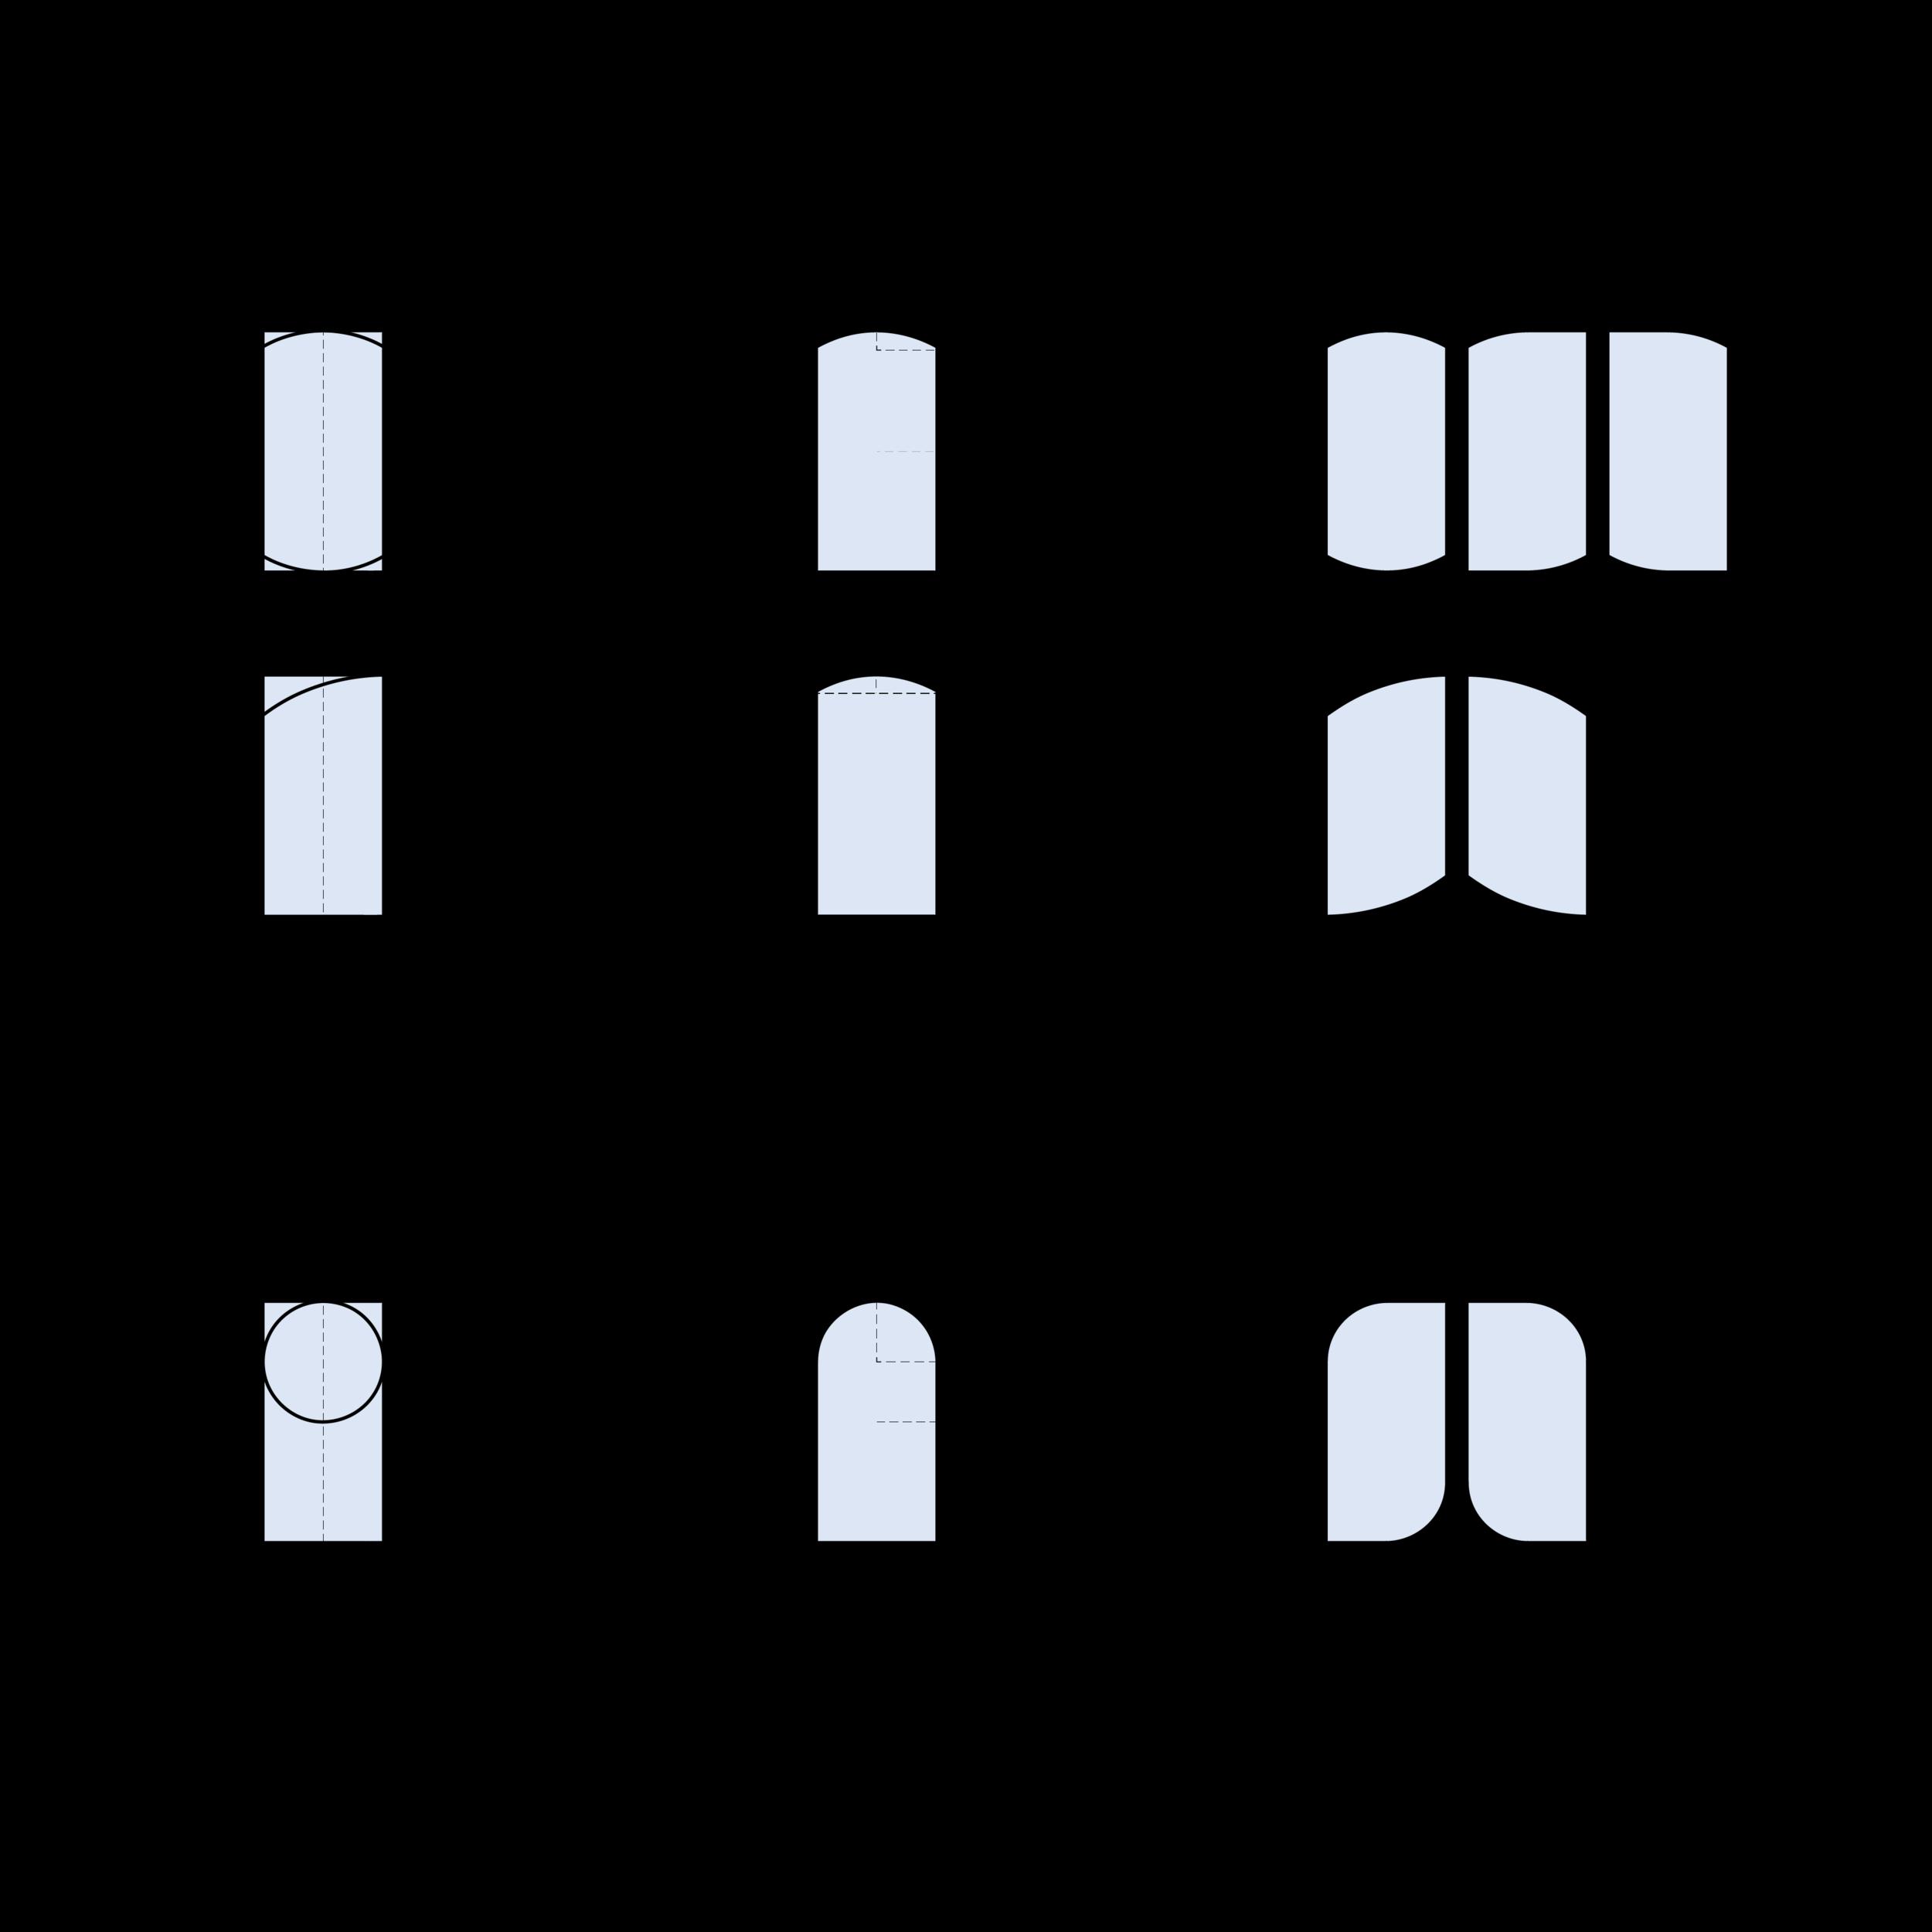 window shape-01.png